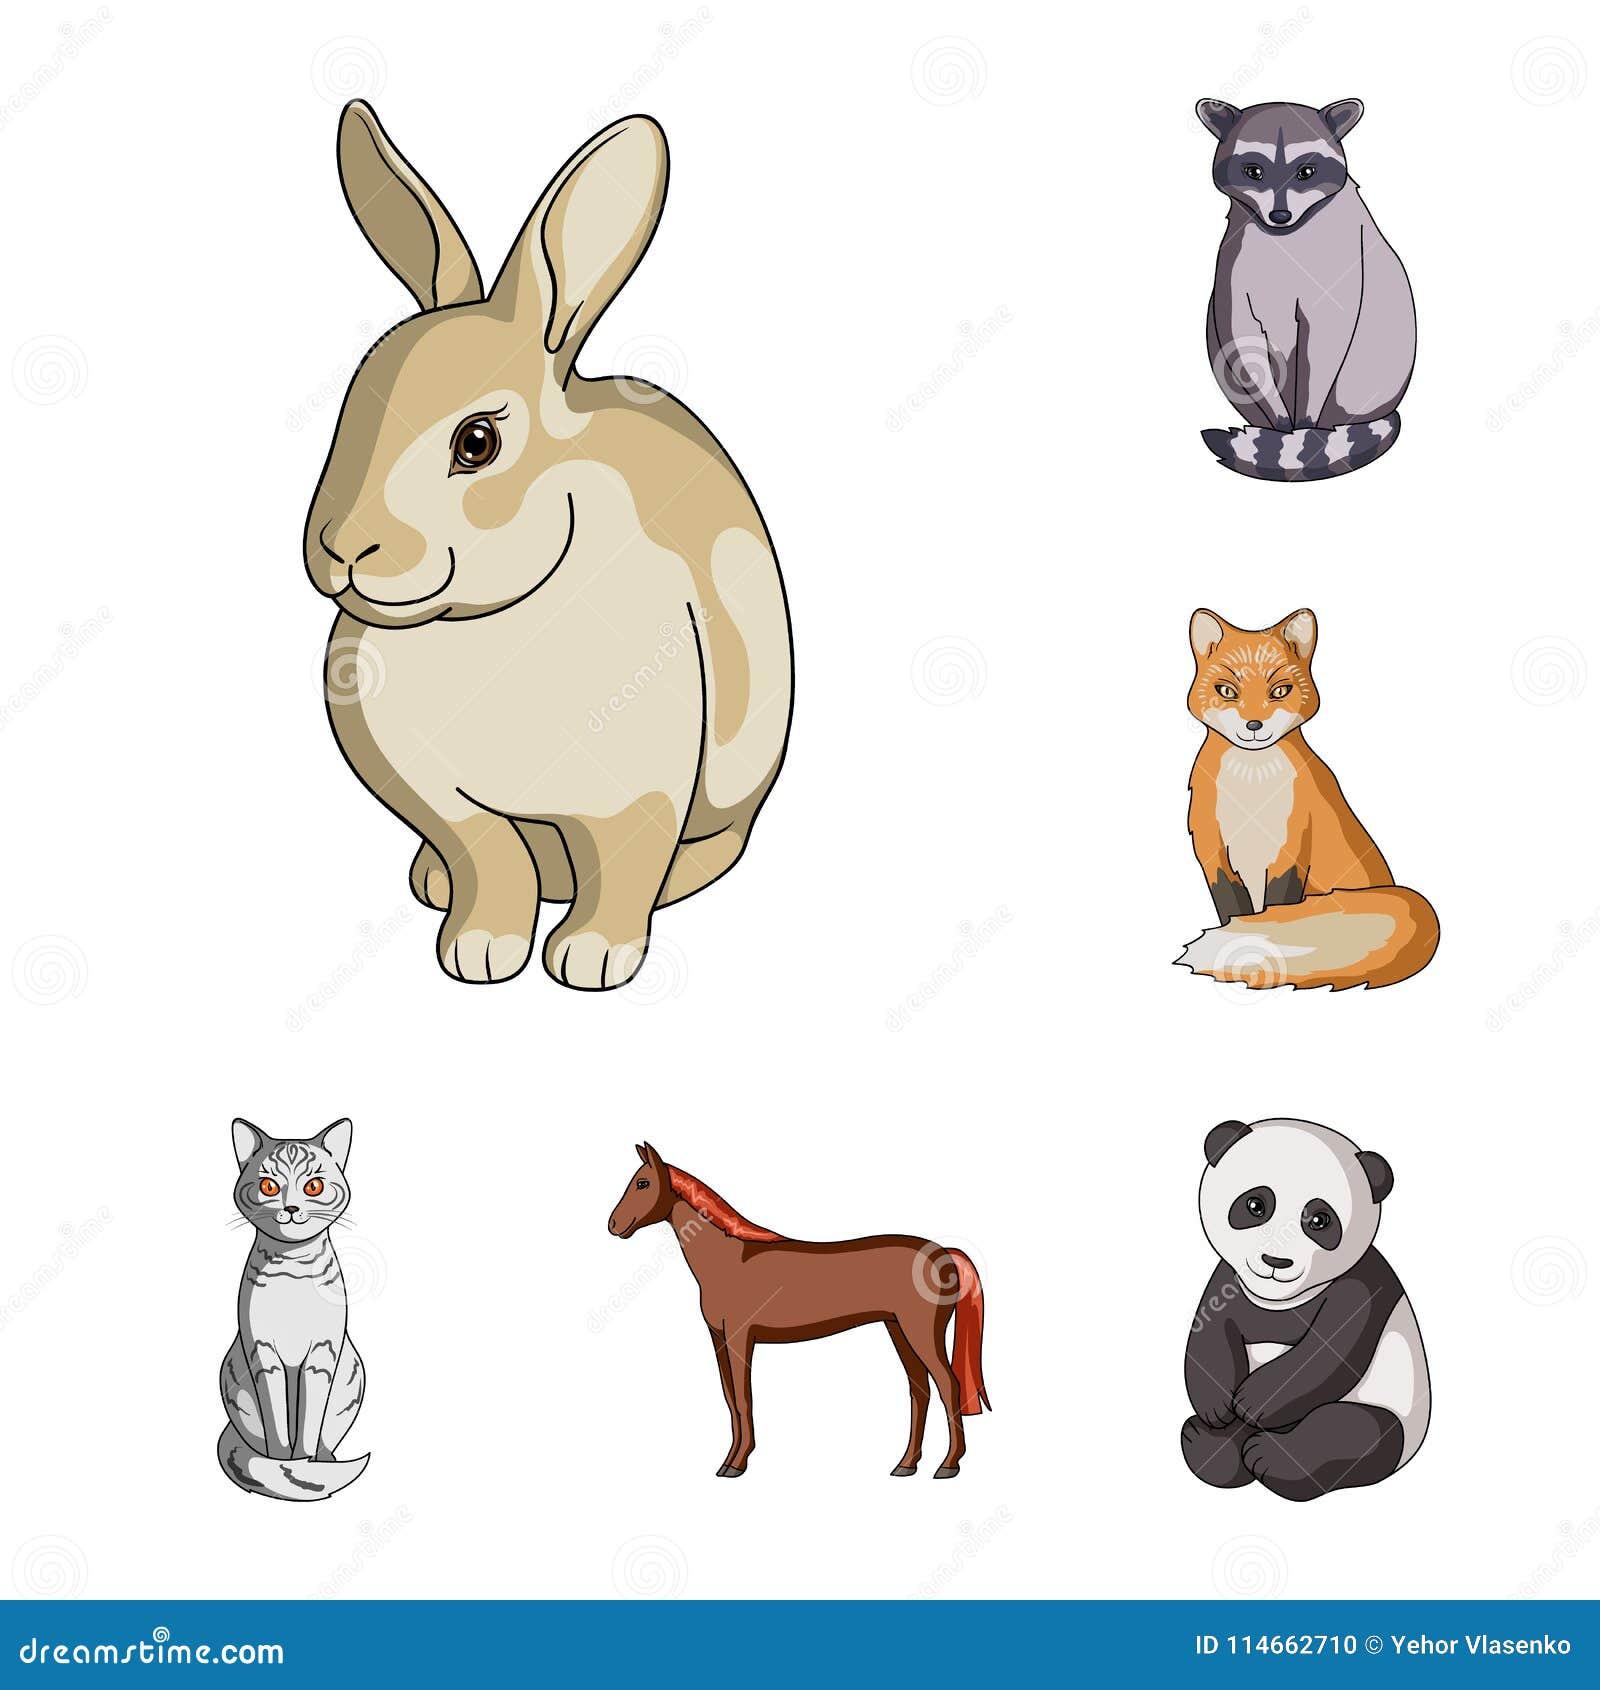 Iconos Realistas De La Historieta De Los Animales En La Colección